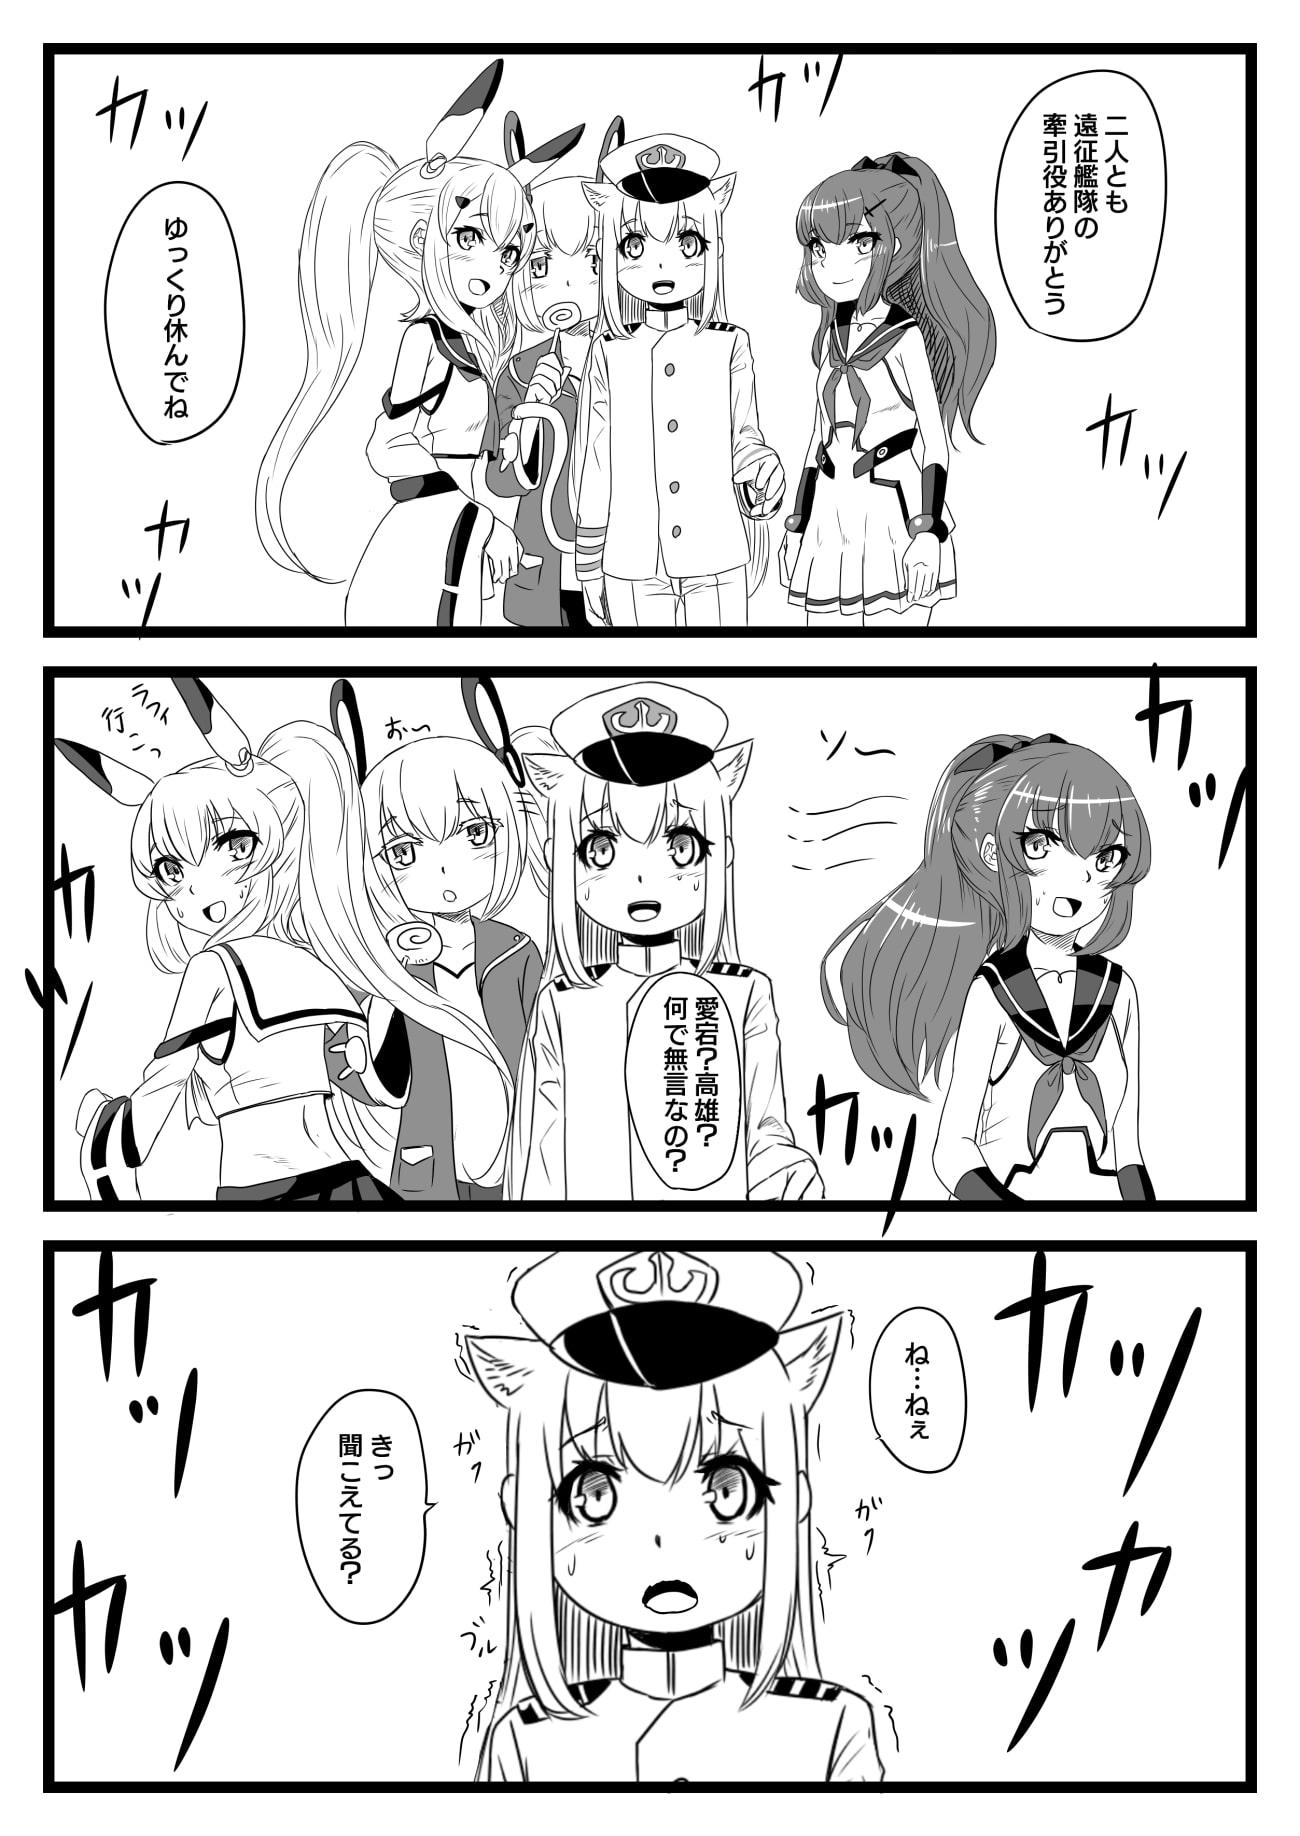 ゆき指揮官とふたなり艦隊